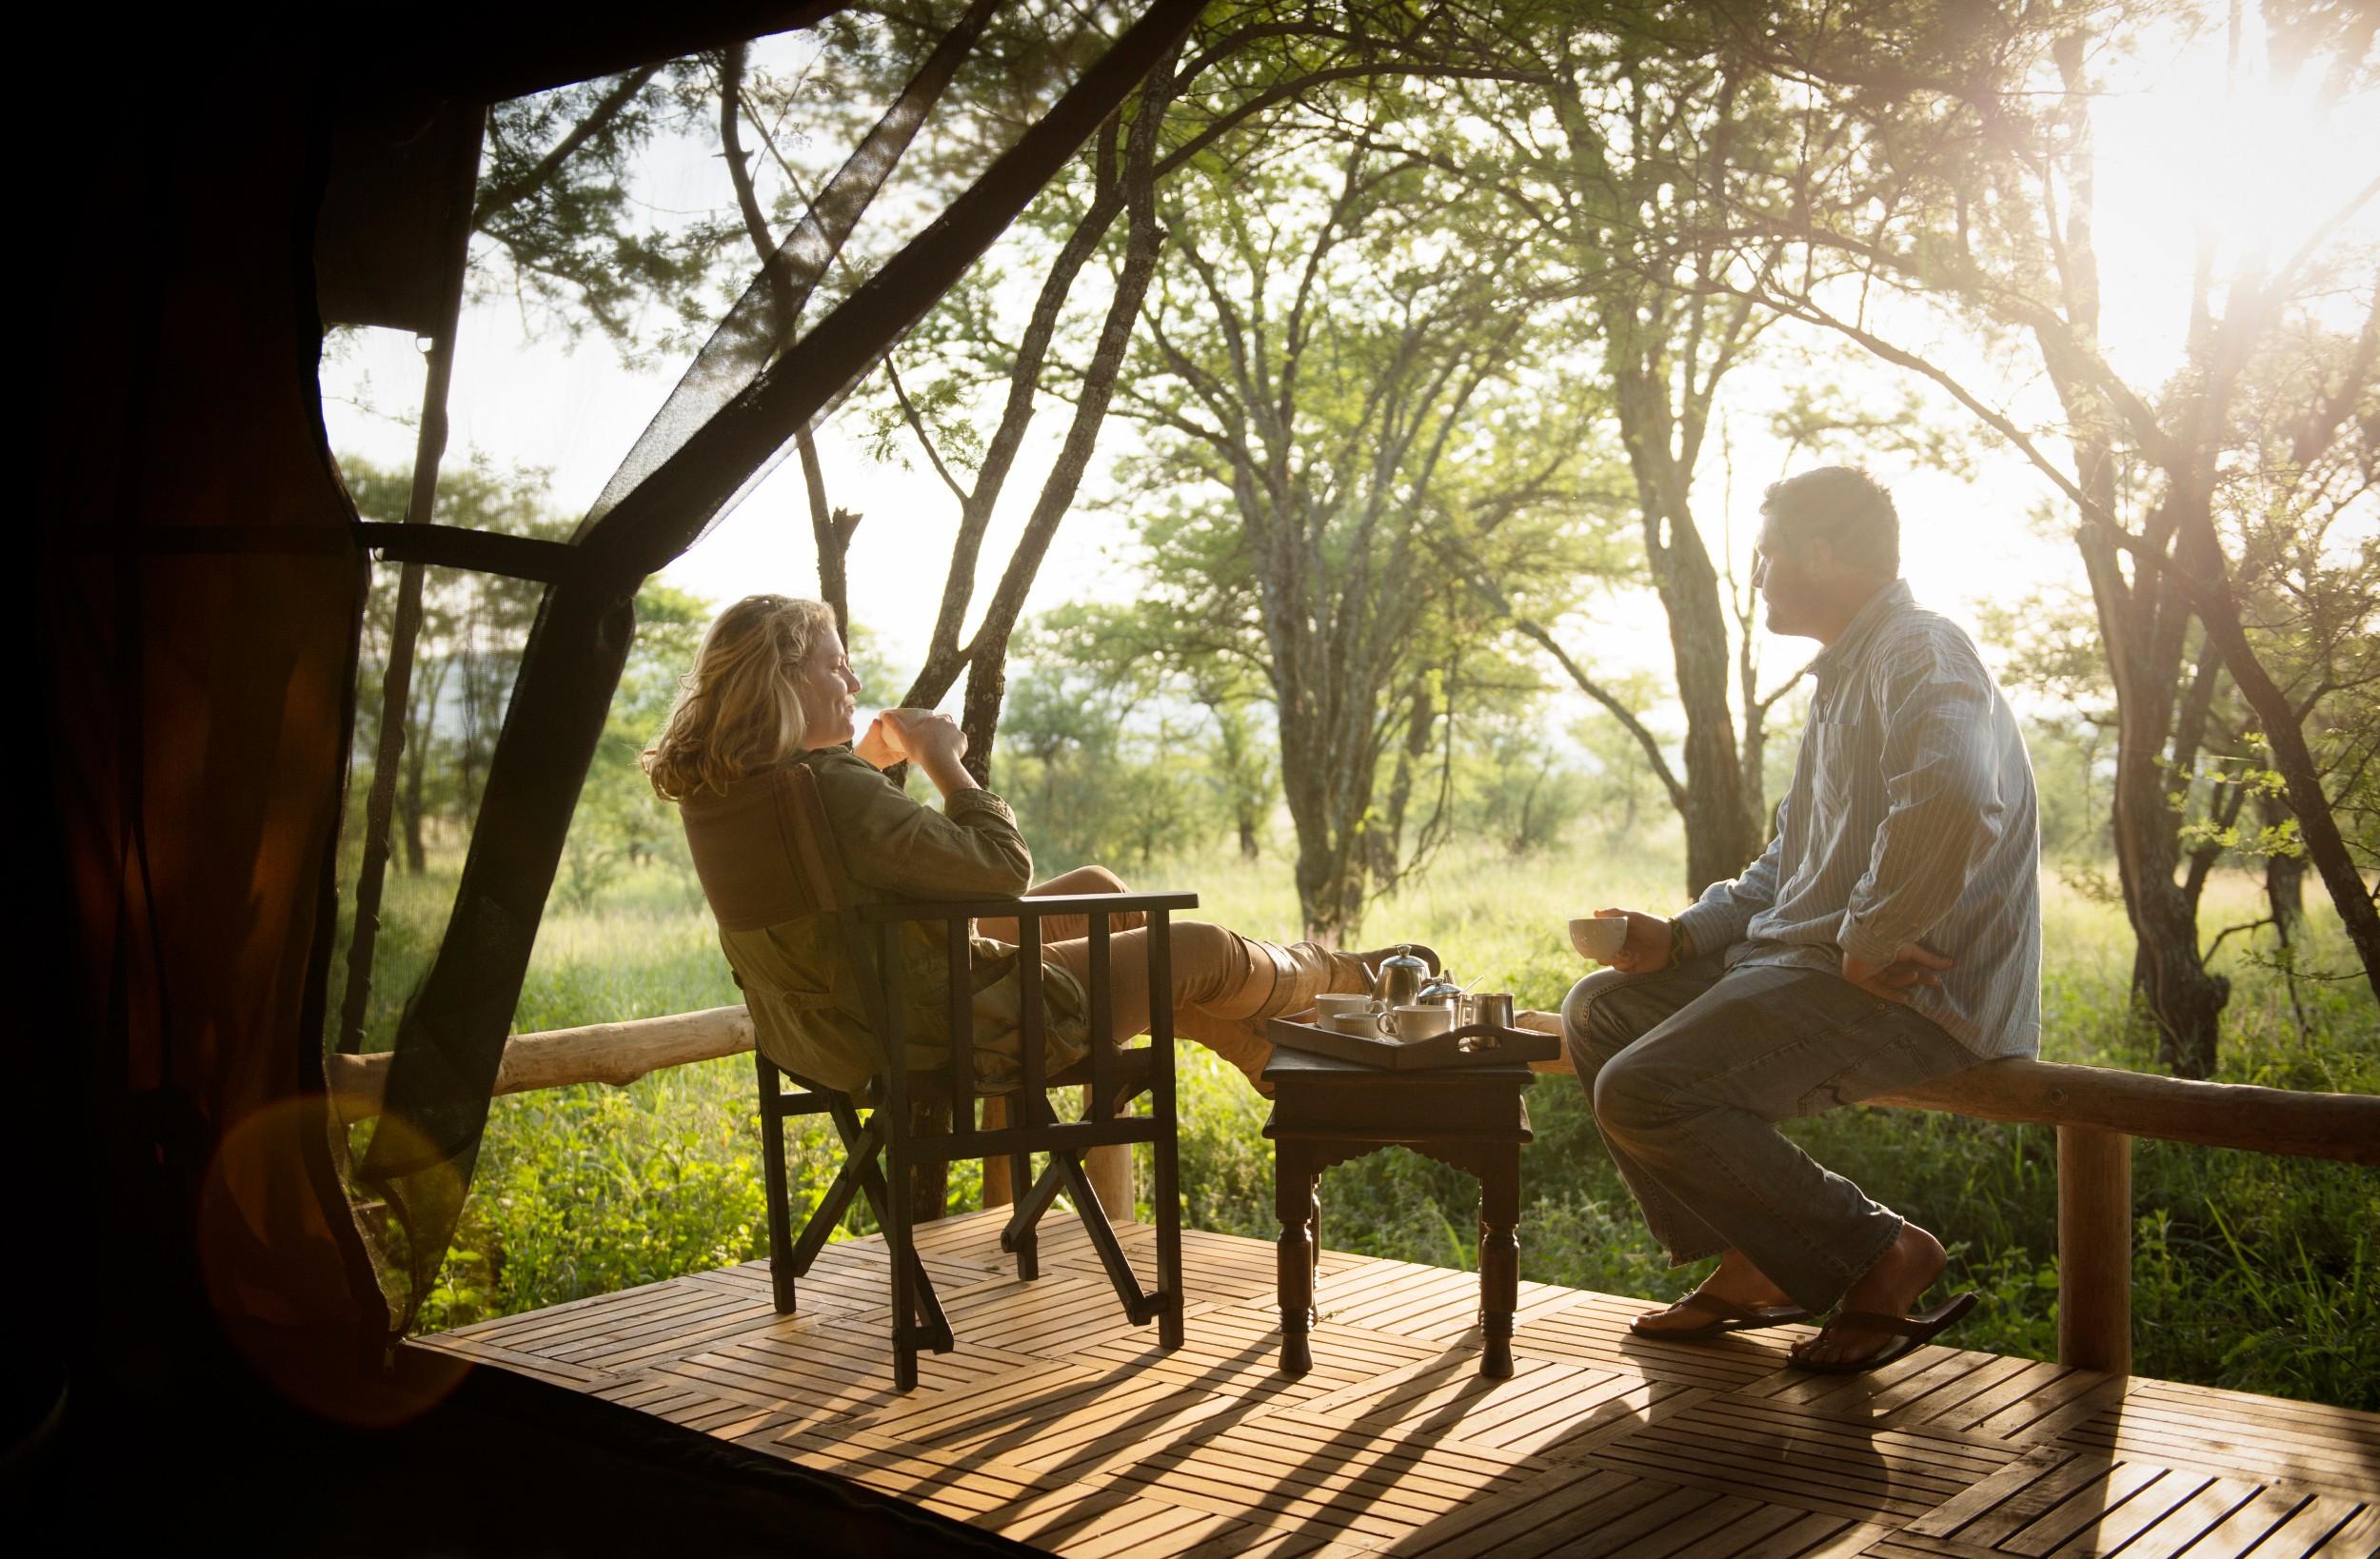 Dunia-Camp-guests-HR-Eliza-Deacon.jpg